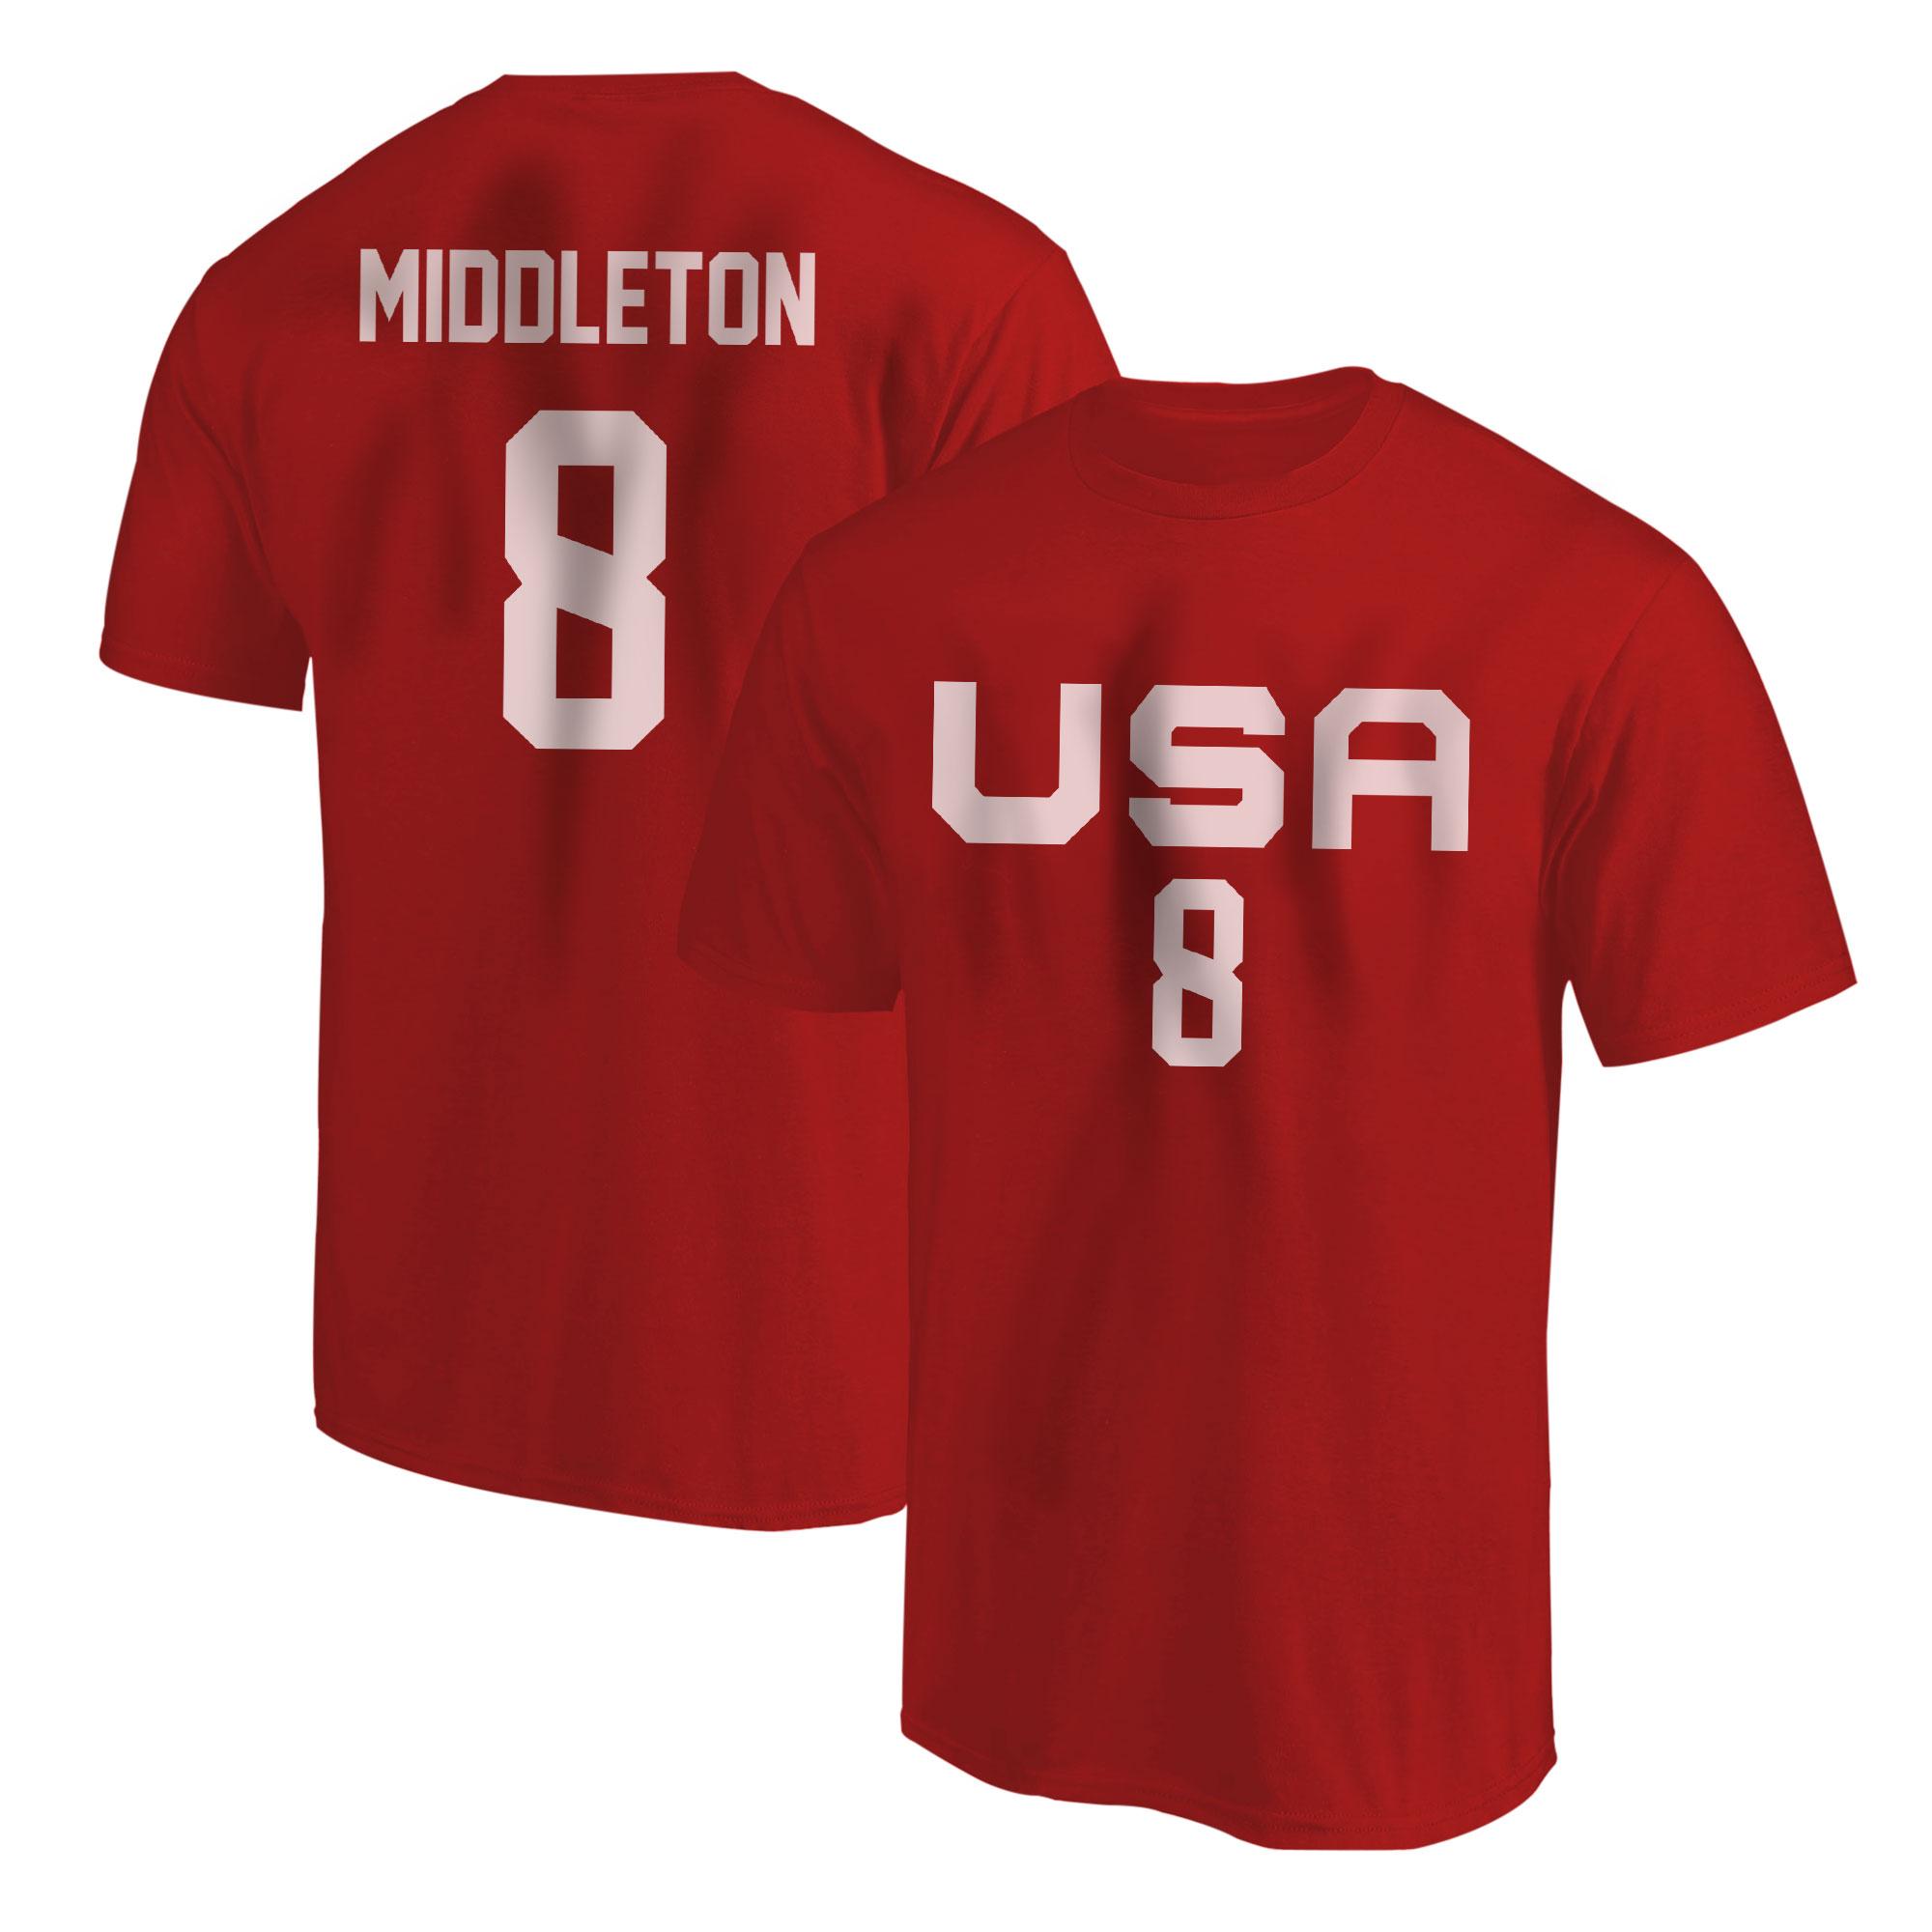 Olympic Team Khris Middleton Tshirt (TSH-RED-NP-532-8)